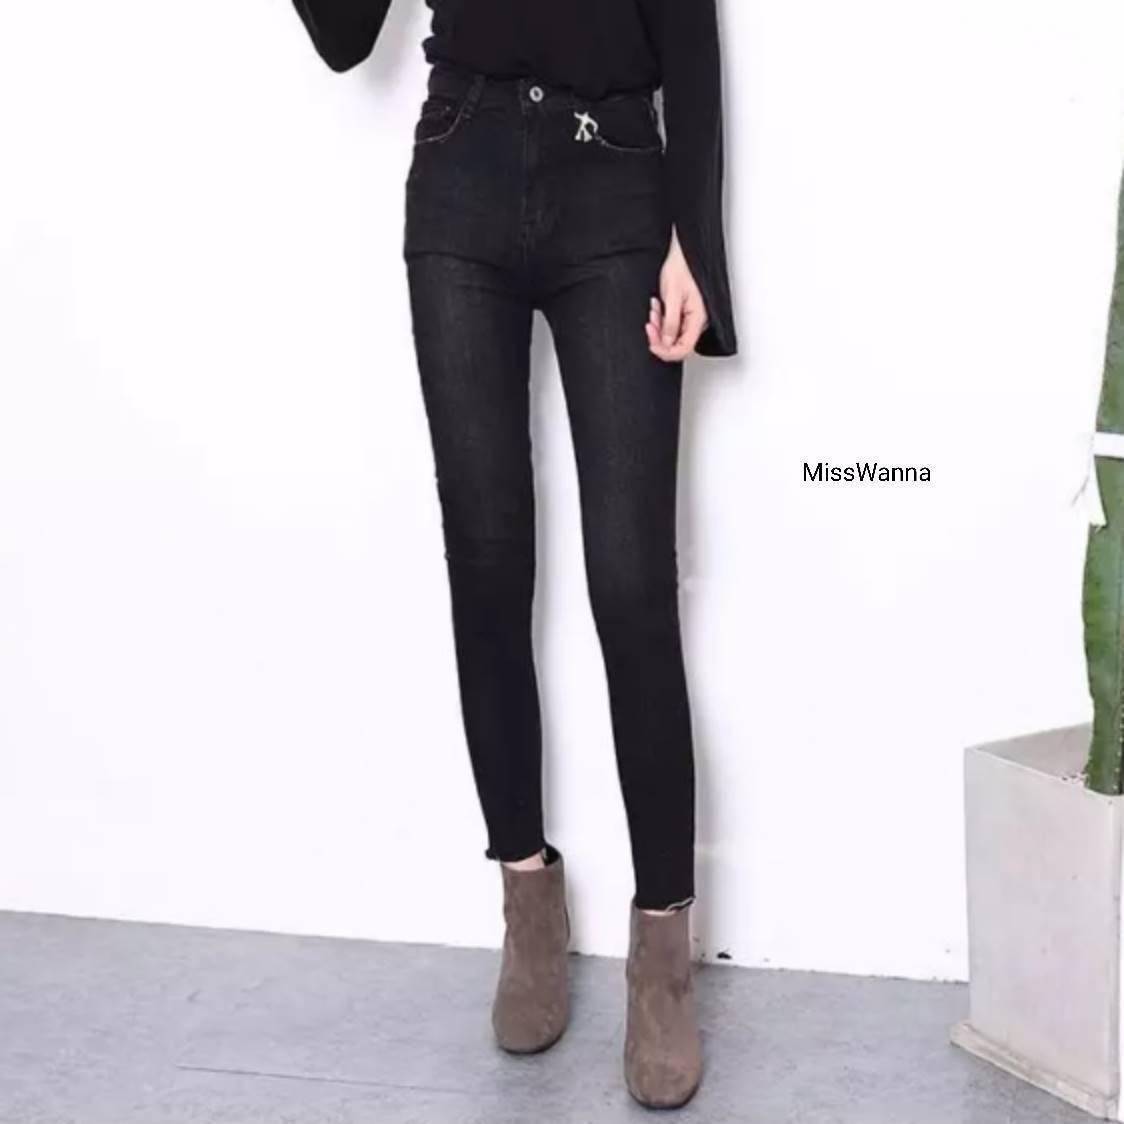 กางเกงยีนส์ขายาวเอวสูงผ้าฟอกสีดำผ้านิ่มมากๆใ